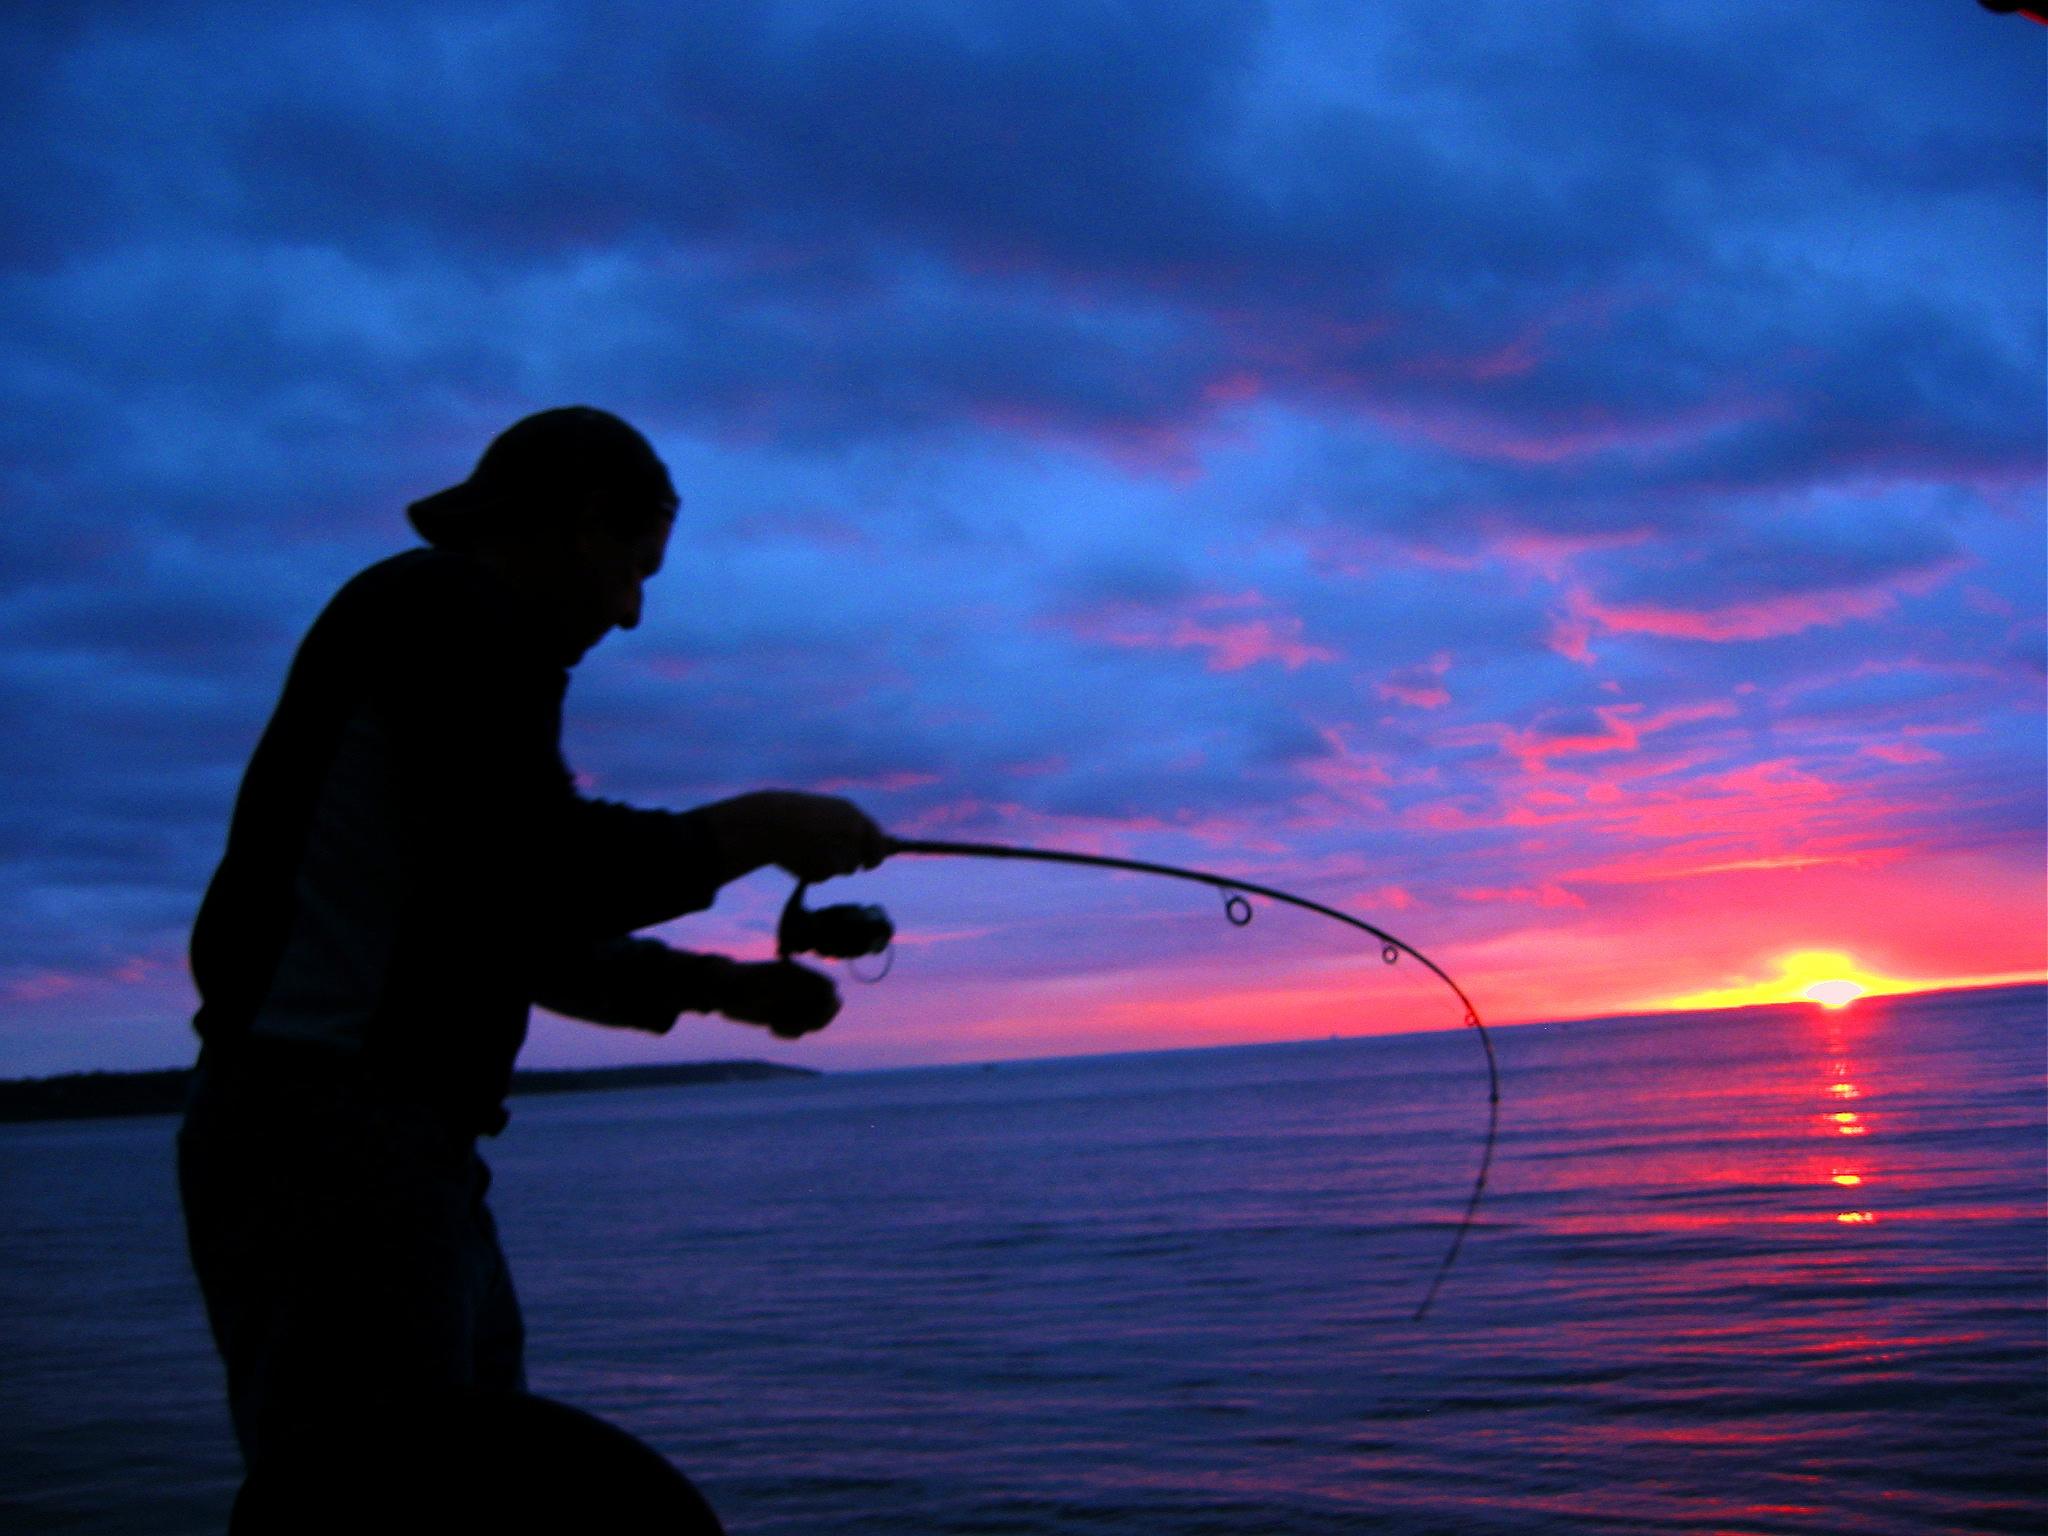 Fishing Sunset Wallpaper Bass Fishing Sunset Bass 2048x1536